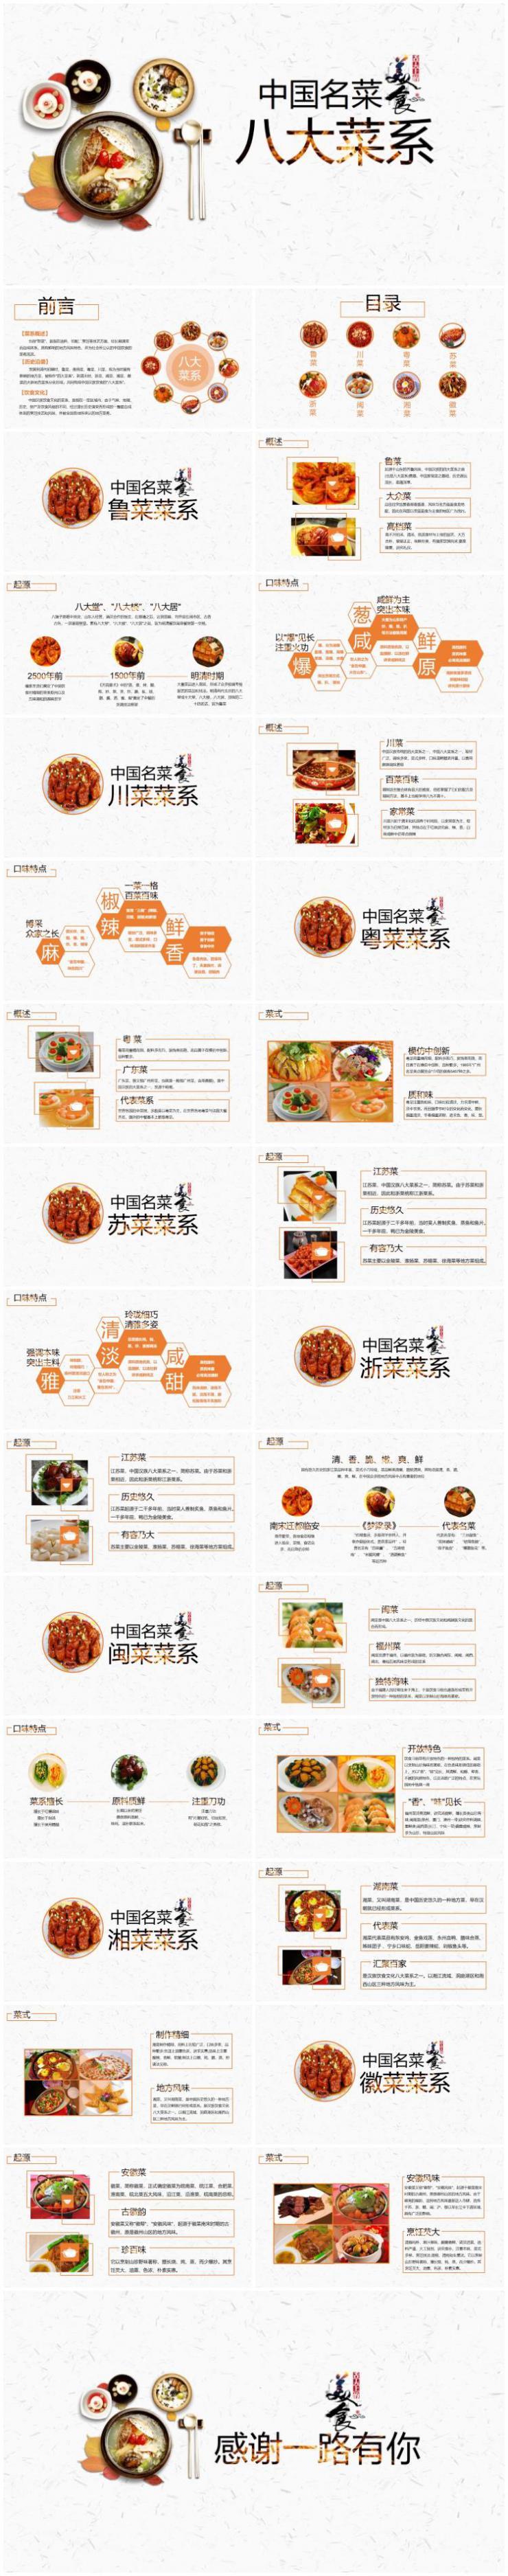 中国名菜八大菜系介绍PPT模板